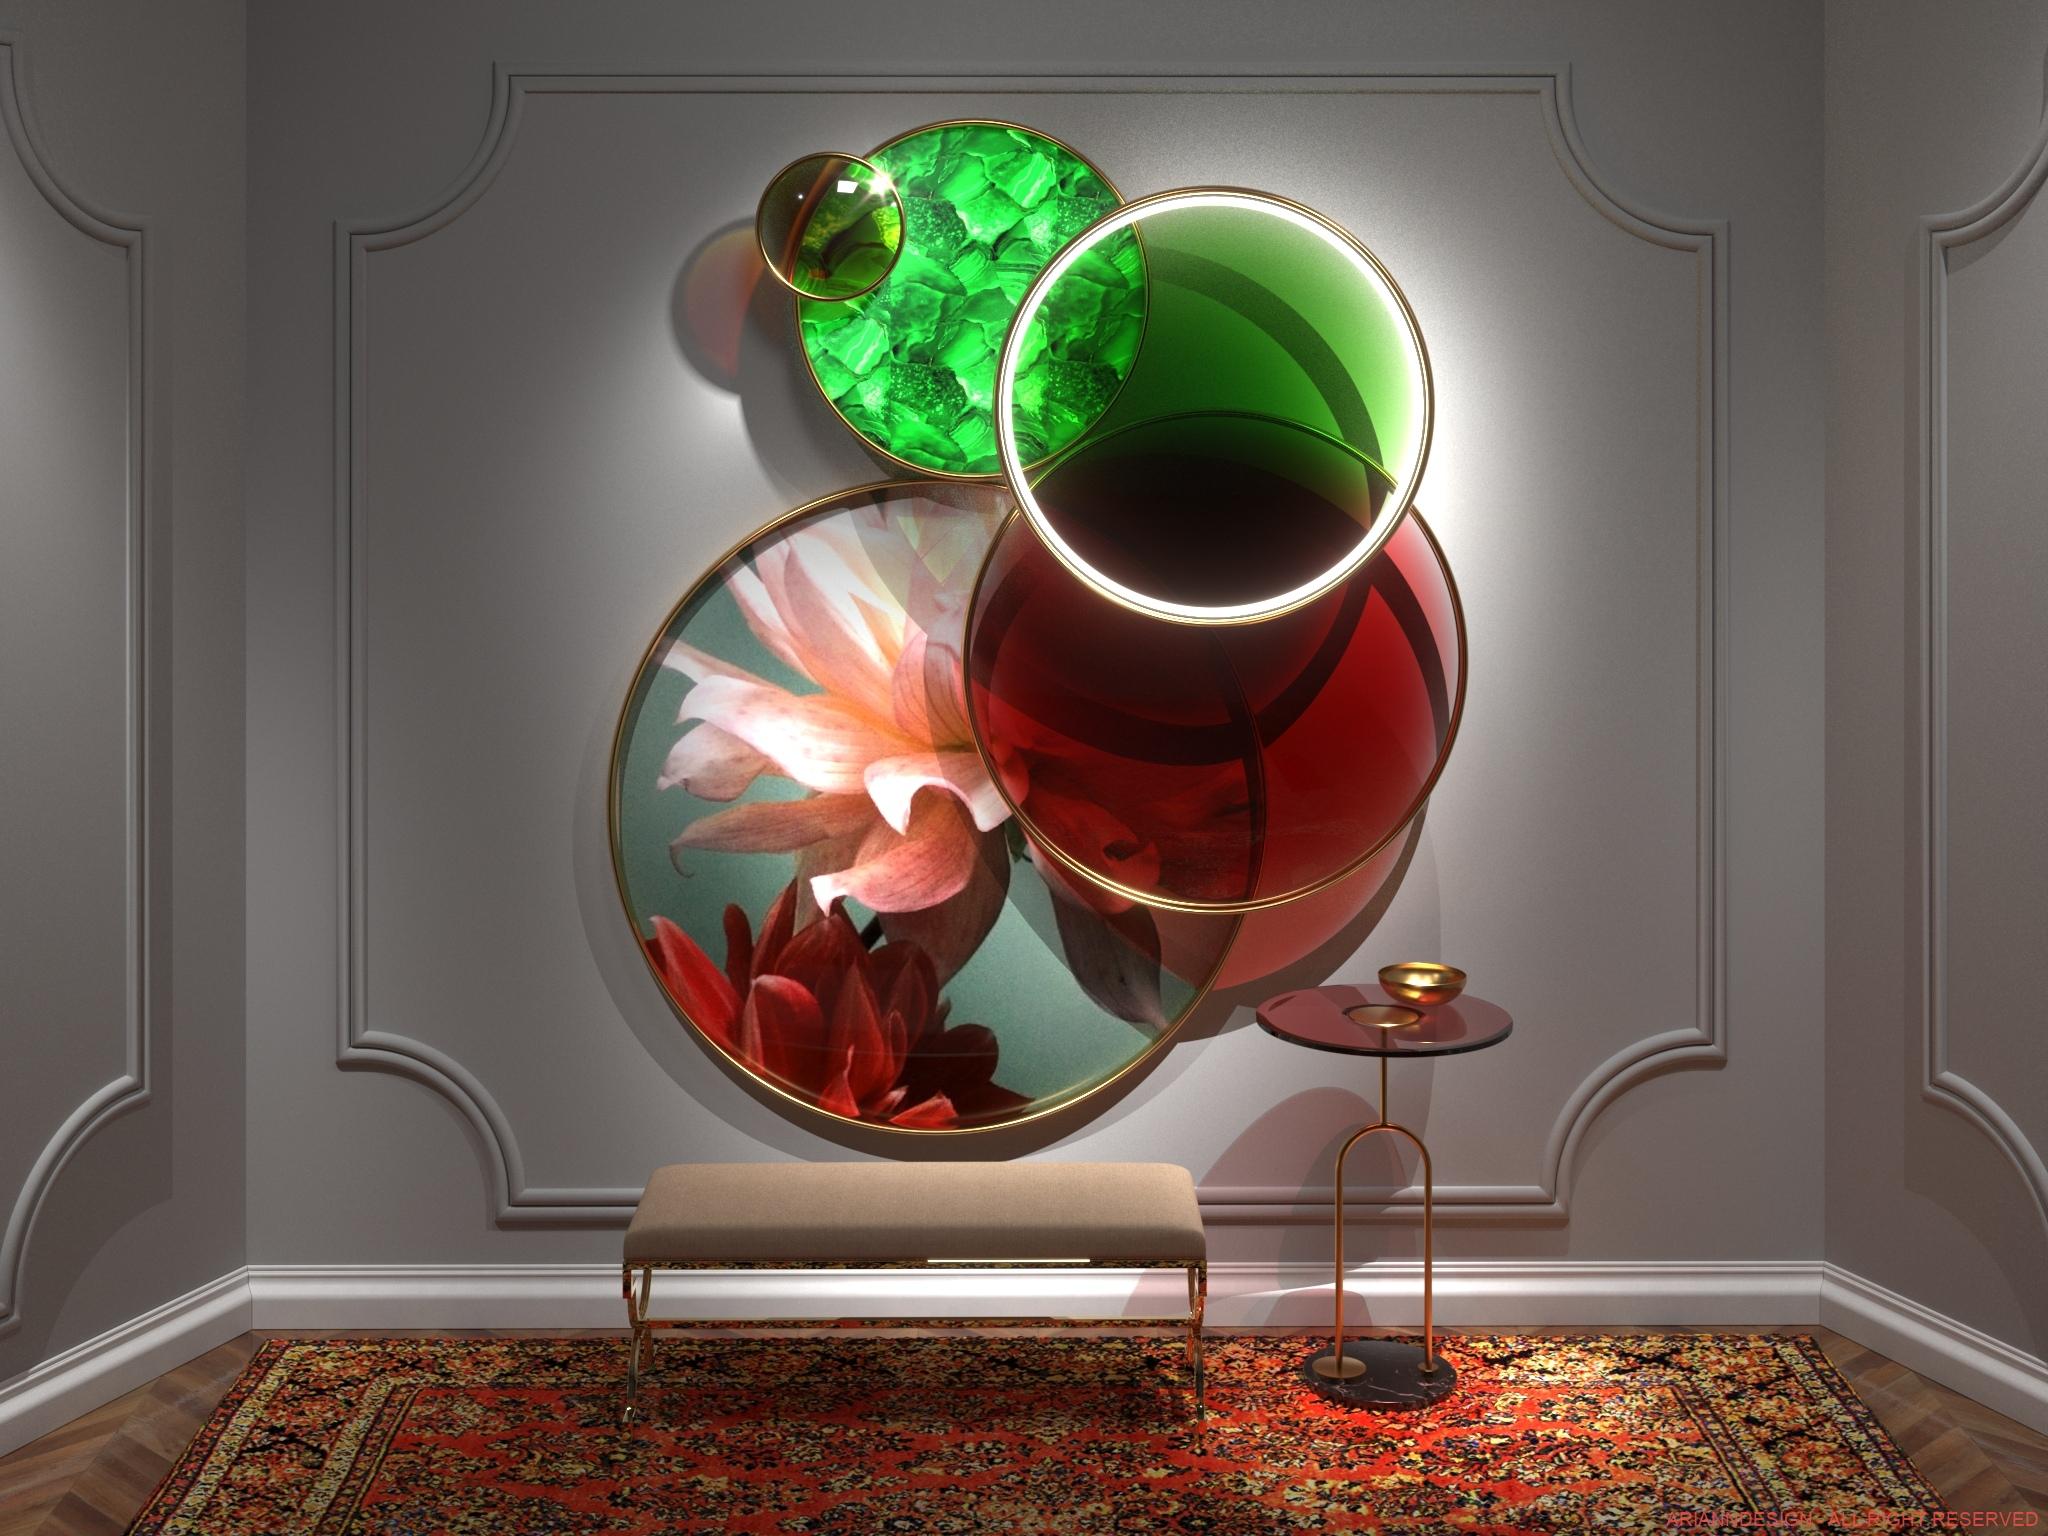 Pannello decorativo a cerchi